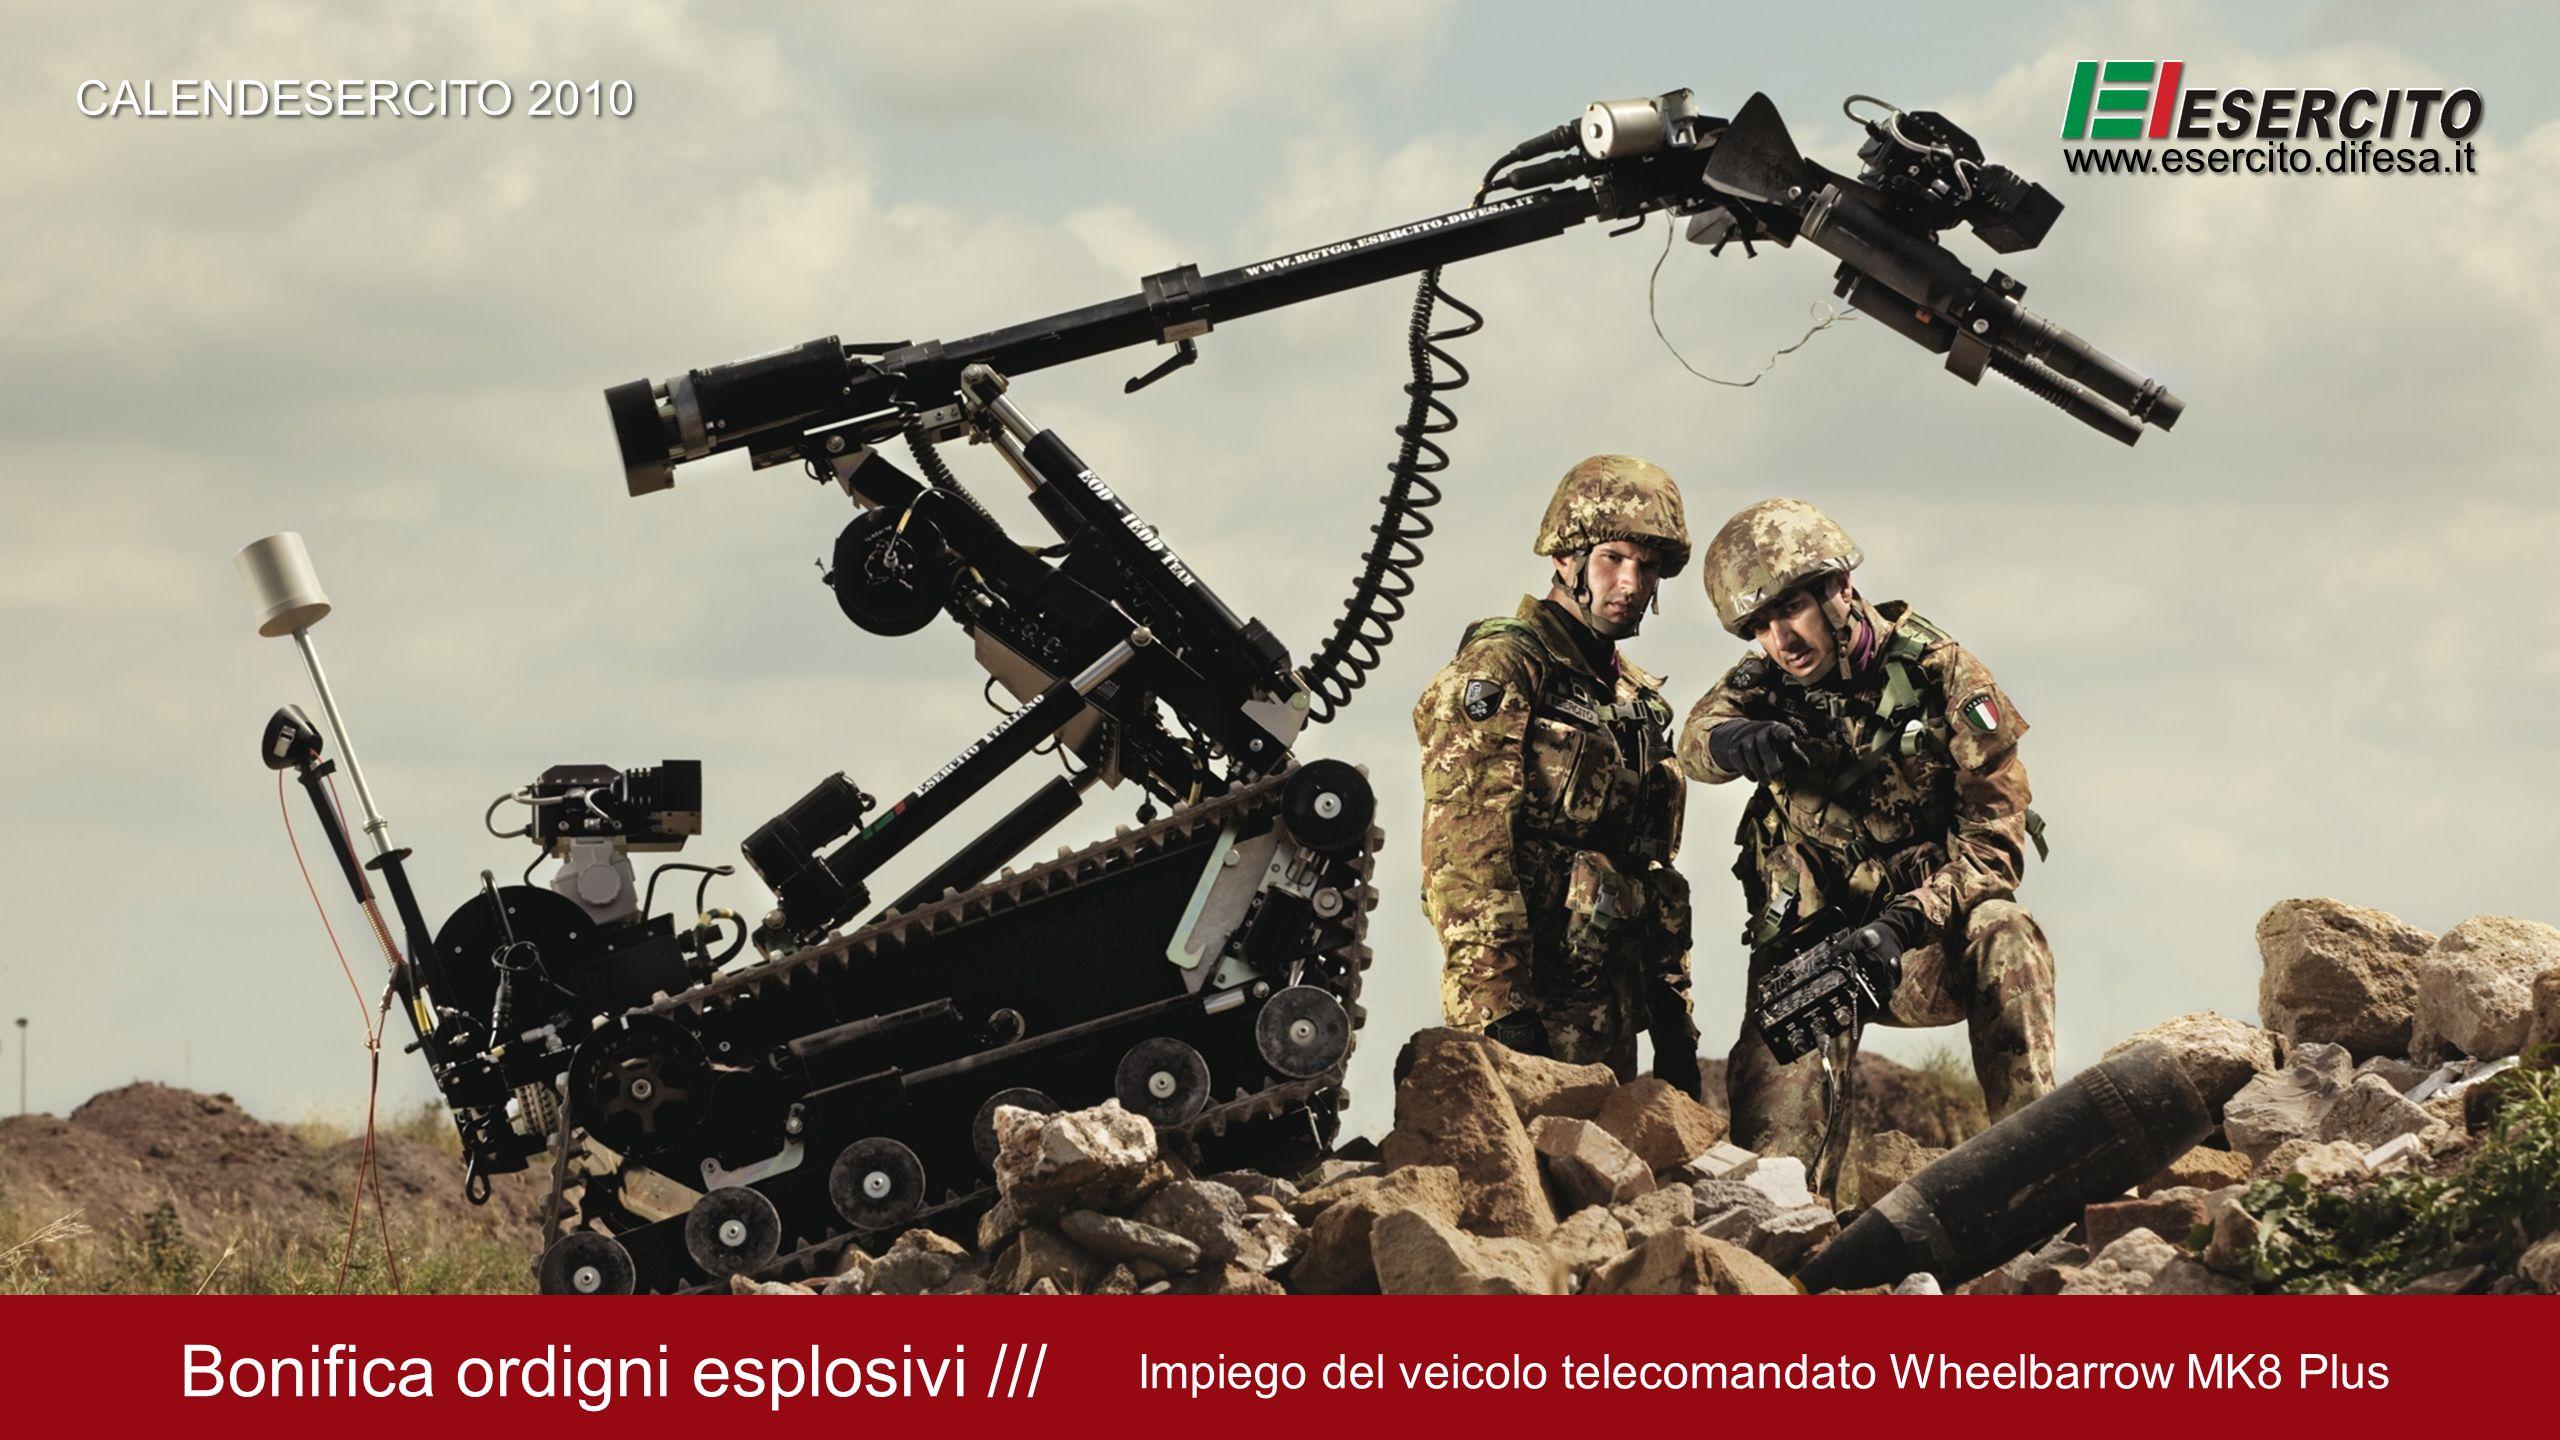 Bonifica ordigni esplosivi /// Impiego del veicolo telecomandato Wheelbarrow MK8 Plus CALENDESERCITO 2010 www.esercito.difesa.it